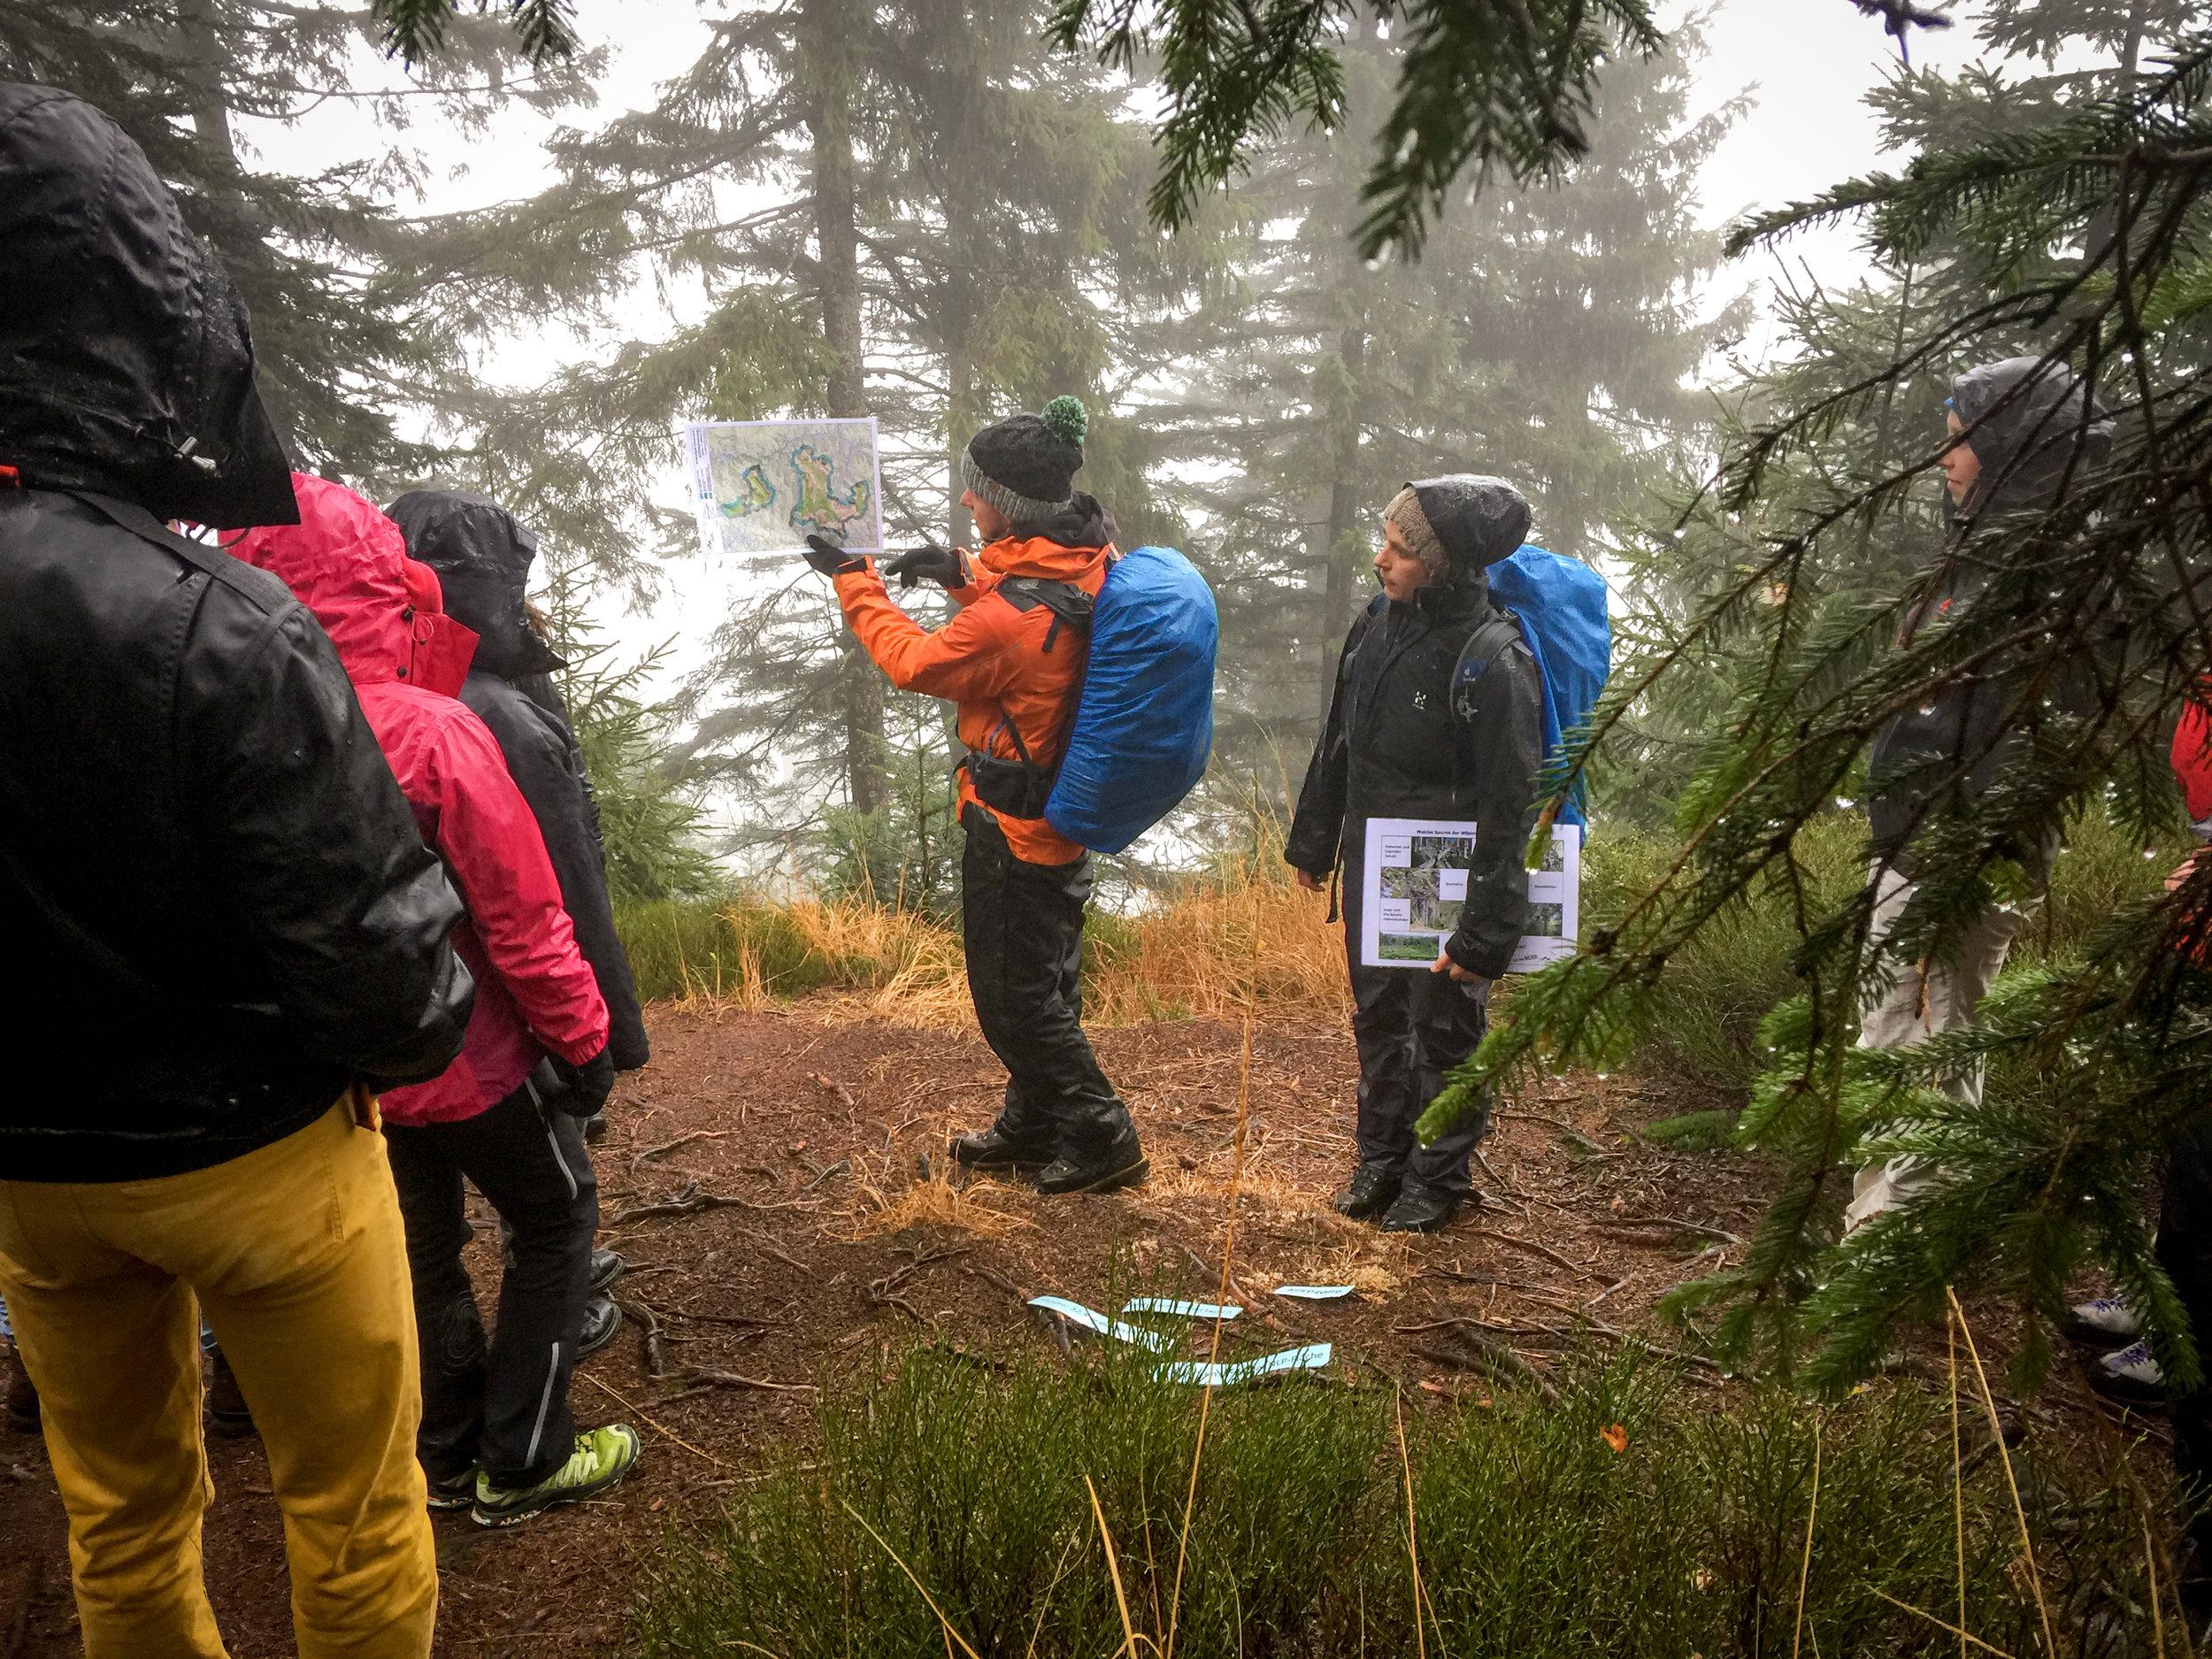 Matthias Eberspächer und Marga Bahr vom Nationalpark geben uns einen Einblick in ihre Arbeit als Wildnispädagogen.